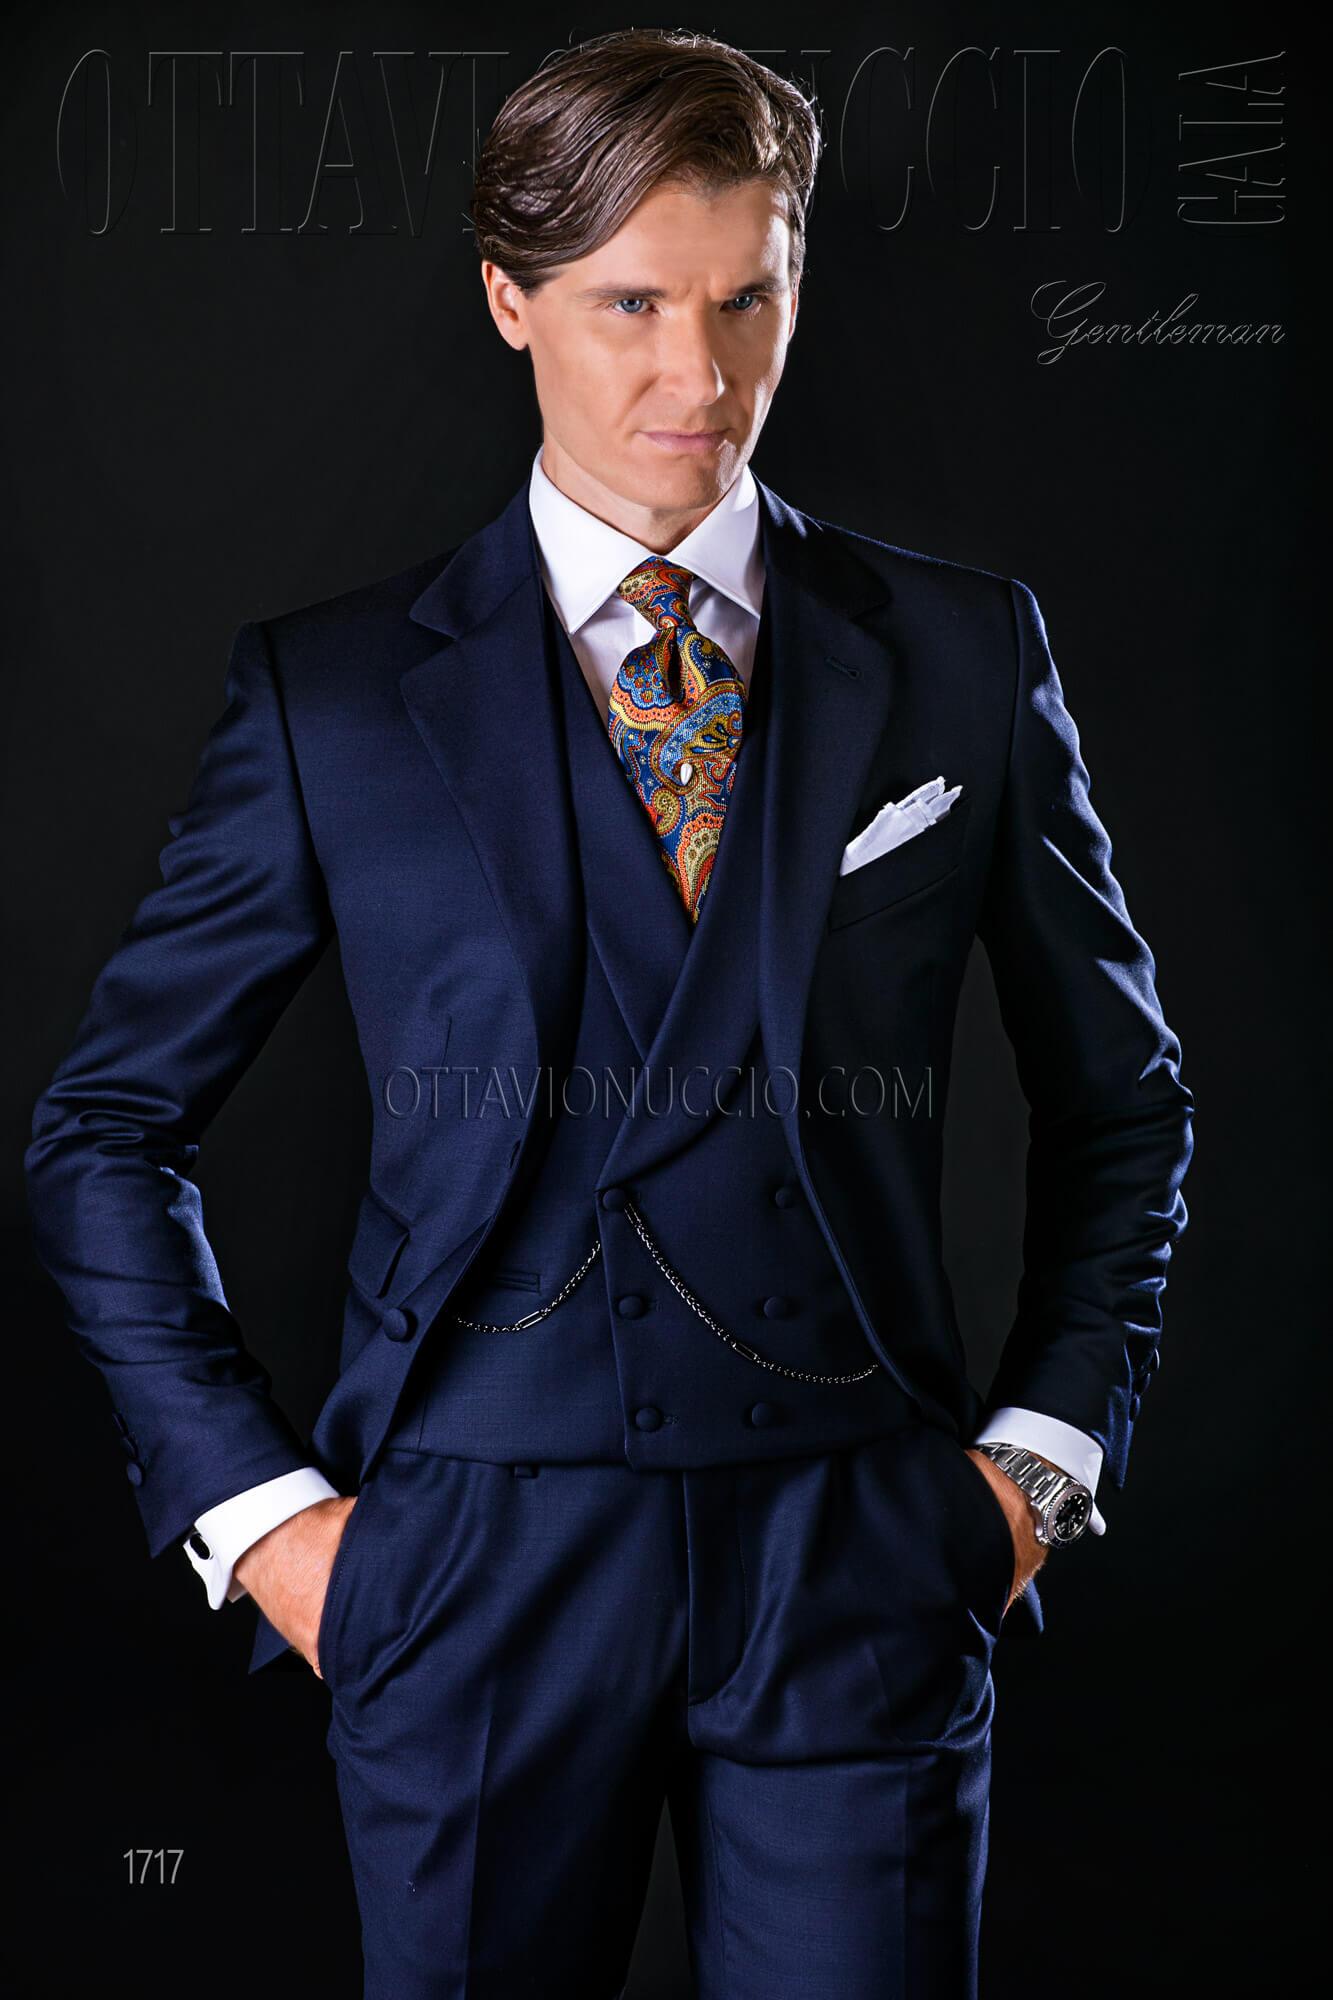 da5acde18941 Vestito sposo uomo blu scuro tre pezzi